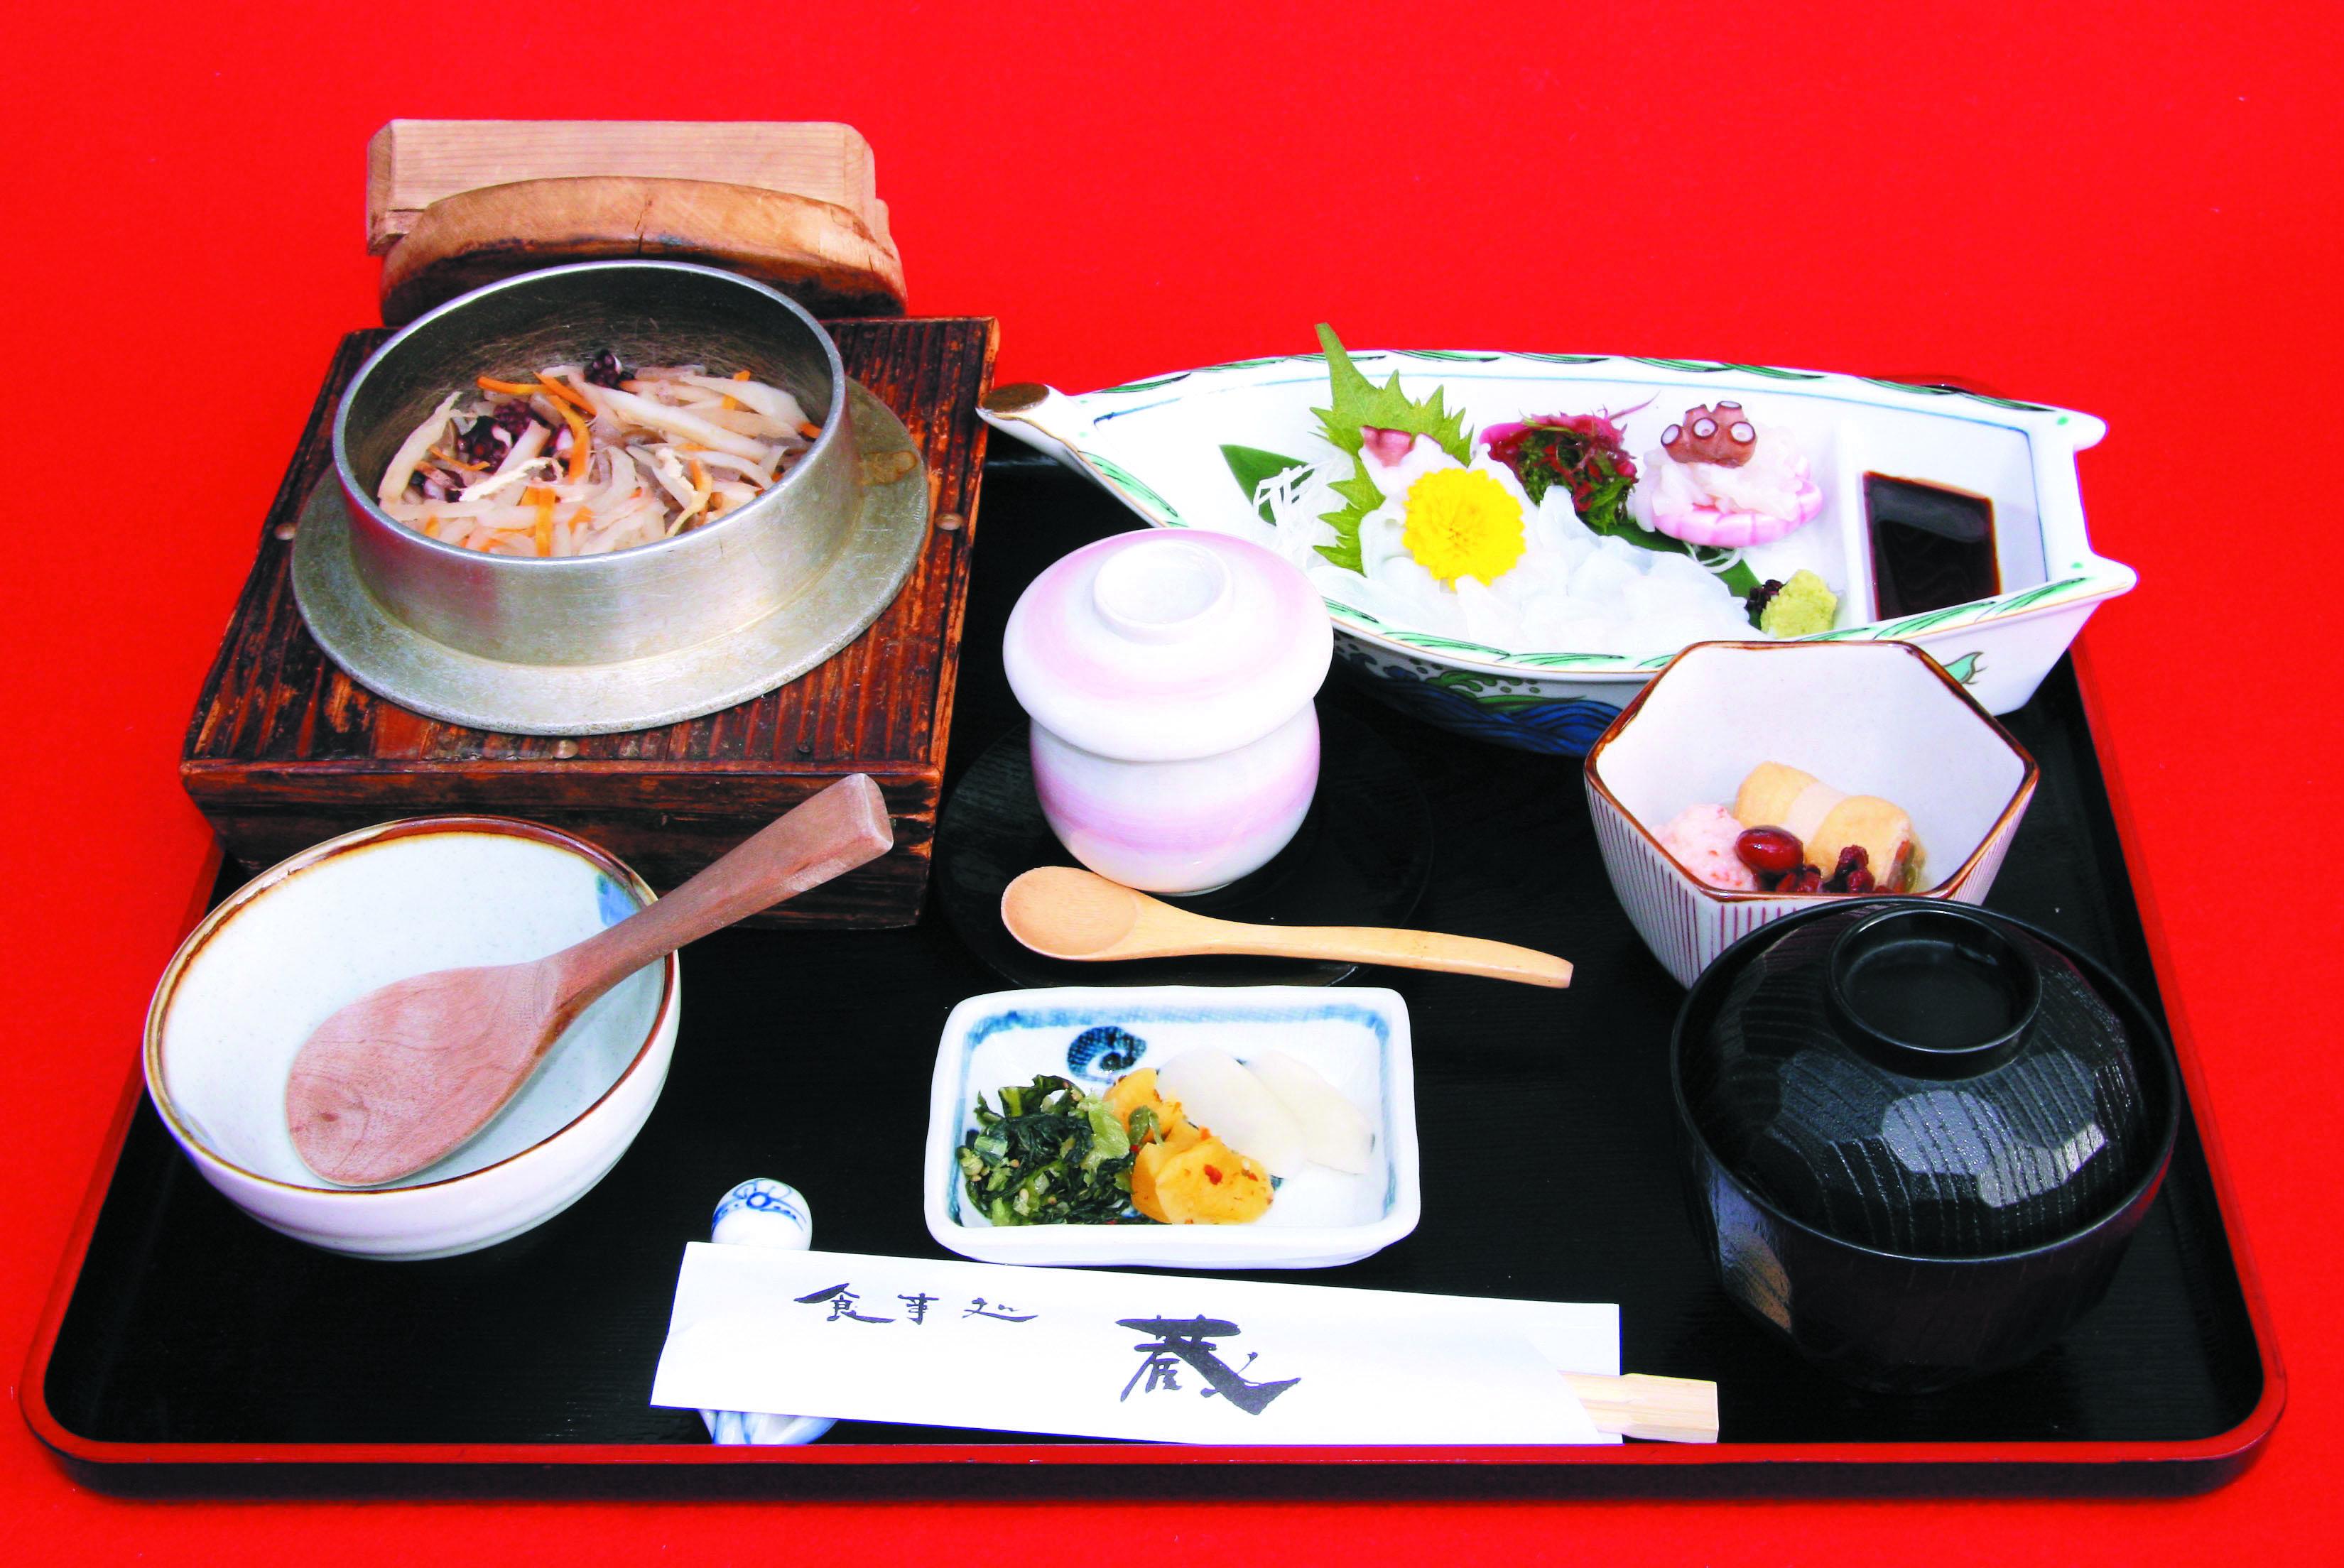 松釜めし定食 1,800円(小鉢・蒸し物・刺身・吸物付)